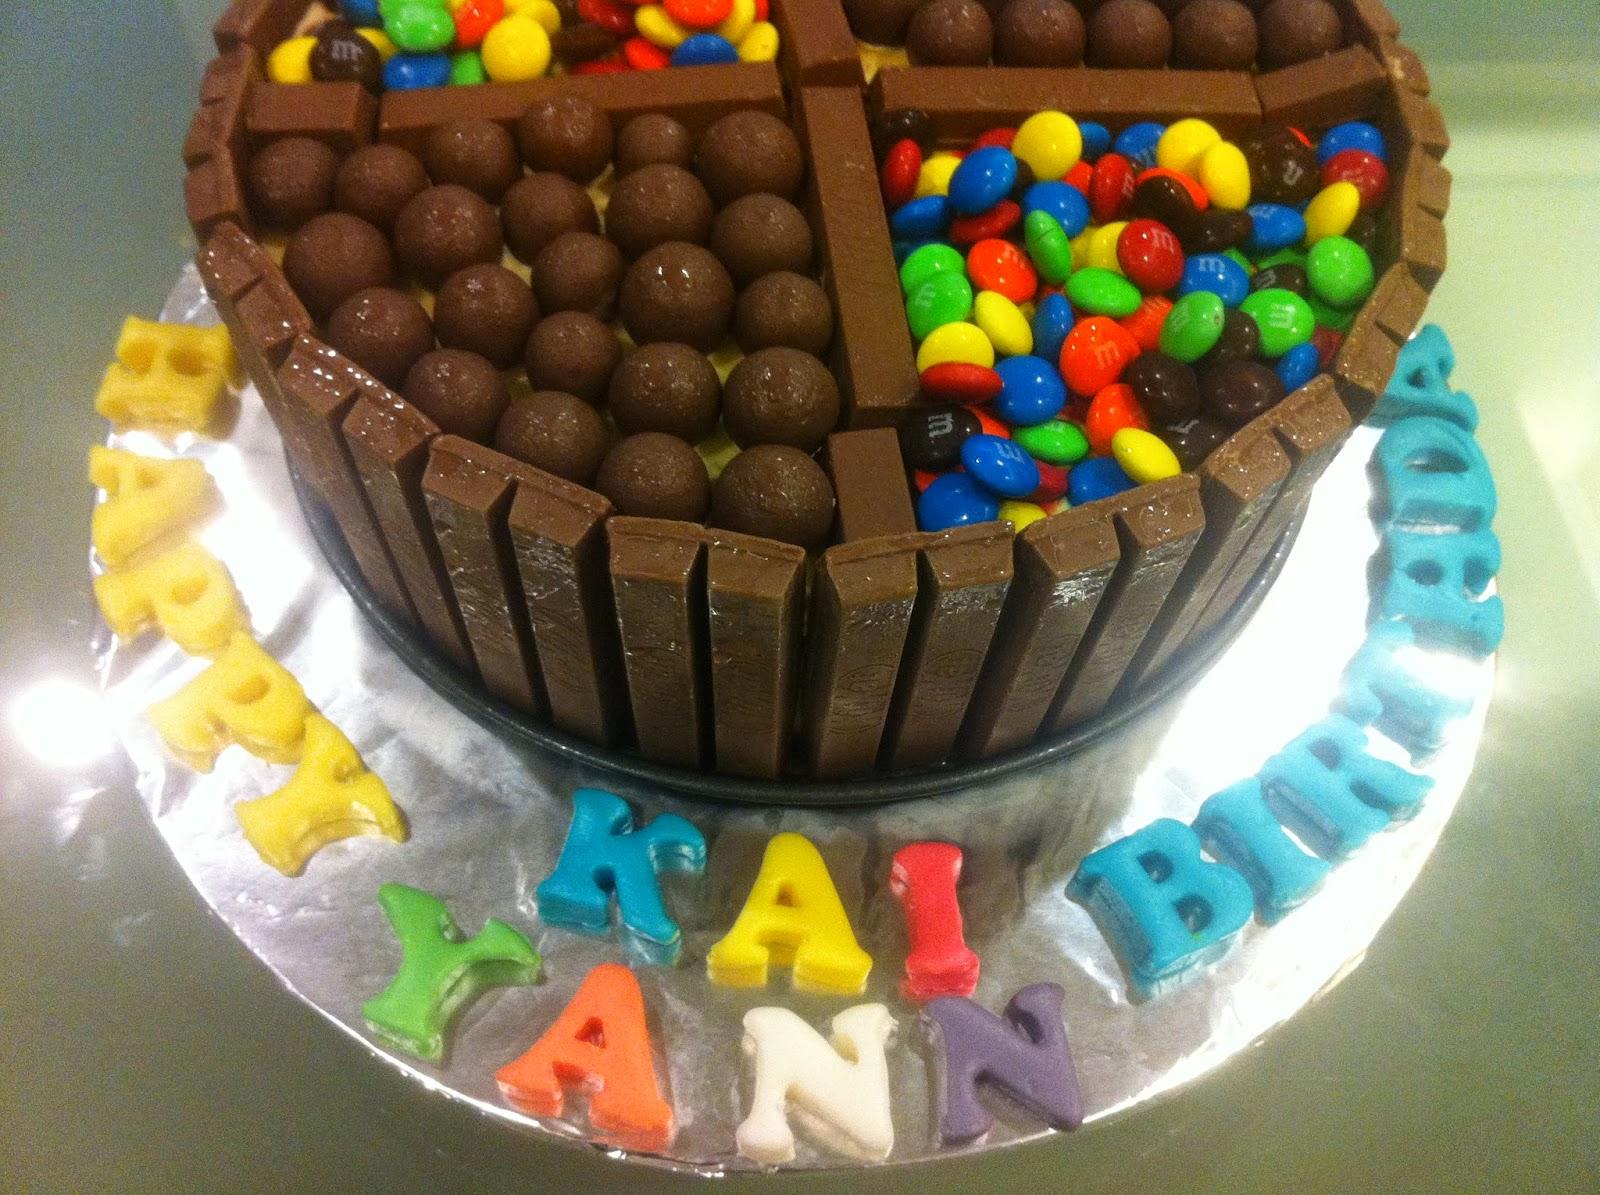 Baking For Cowboys Kit Kat Ice Cream Cake 奇巧冰淇淋蛋糕